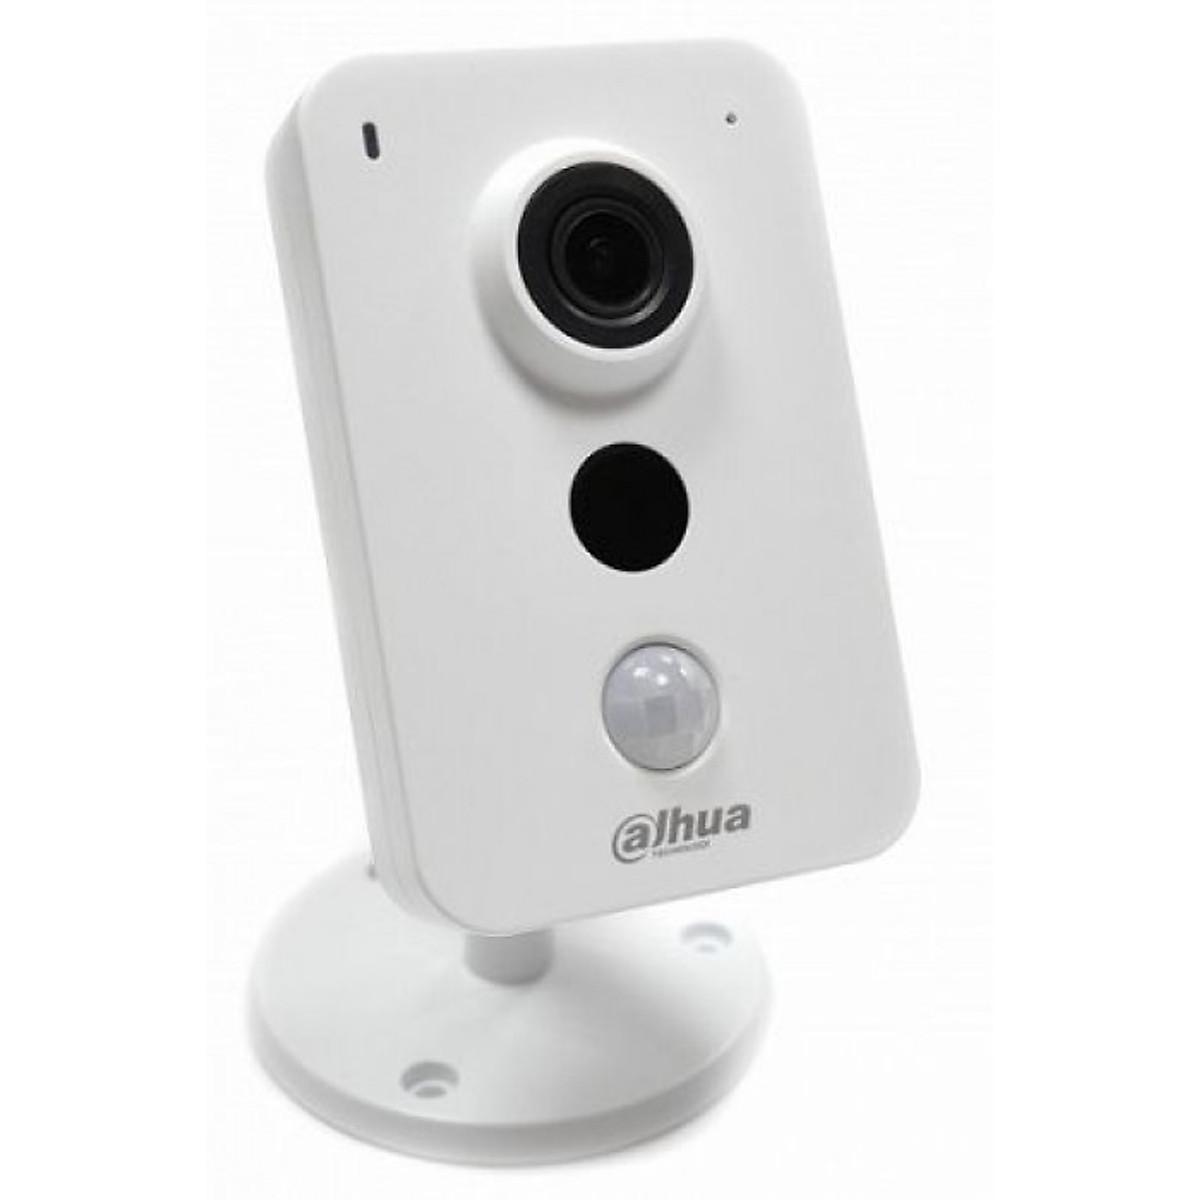 Camera IP Wifi Dahua DH-IPC-K15P – Hàng chính hãng